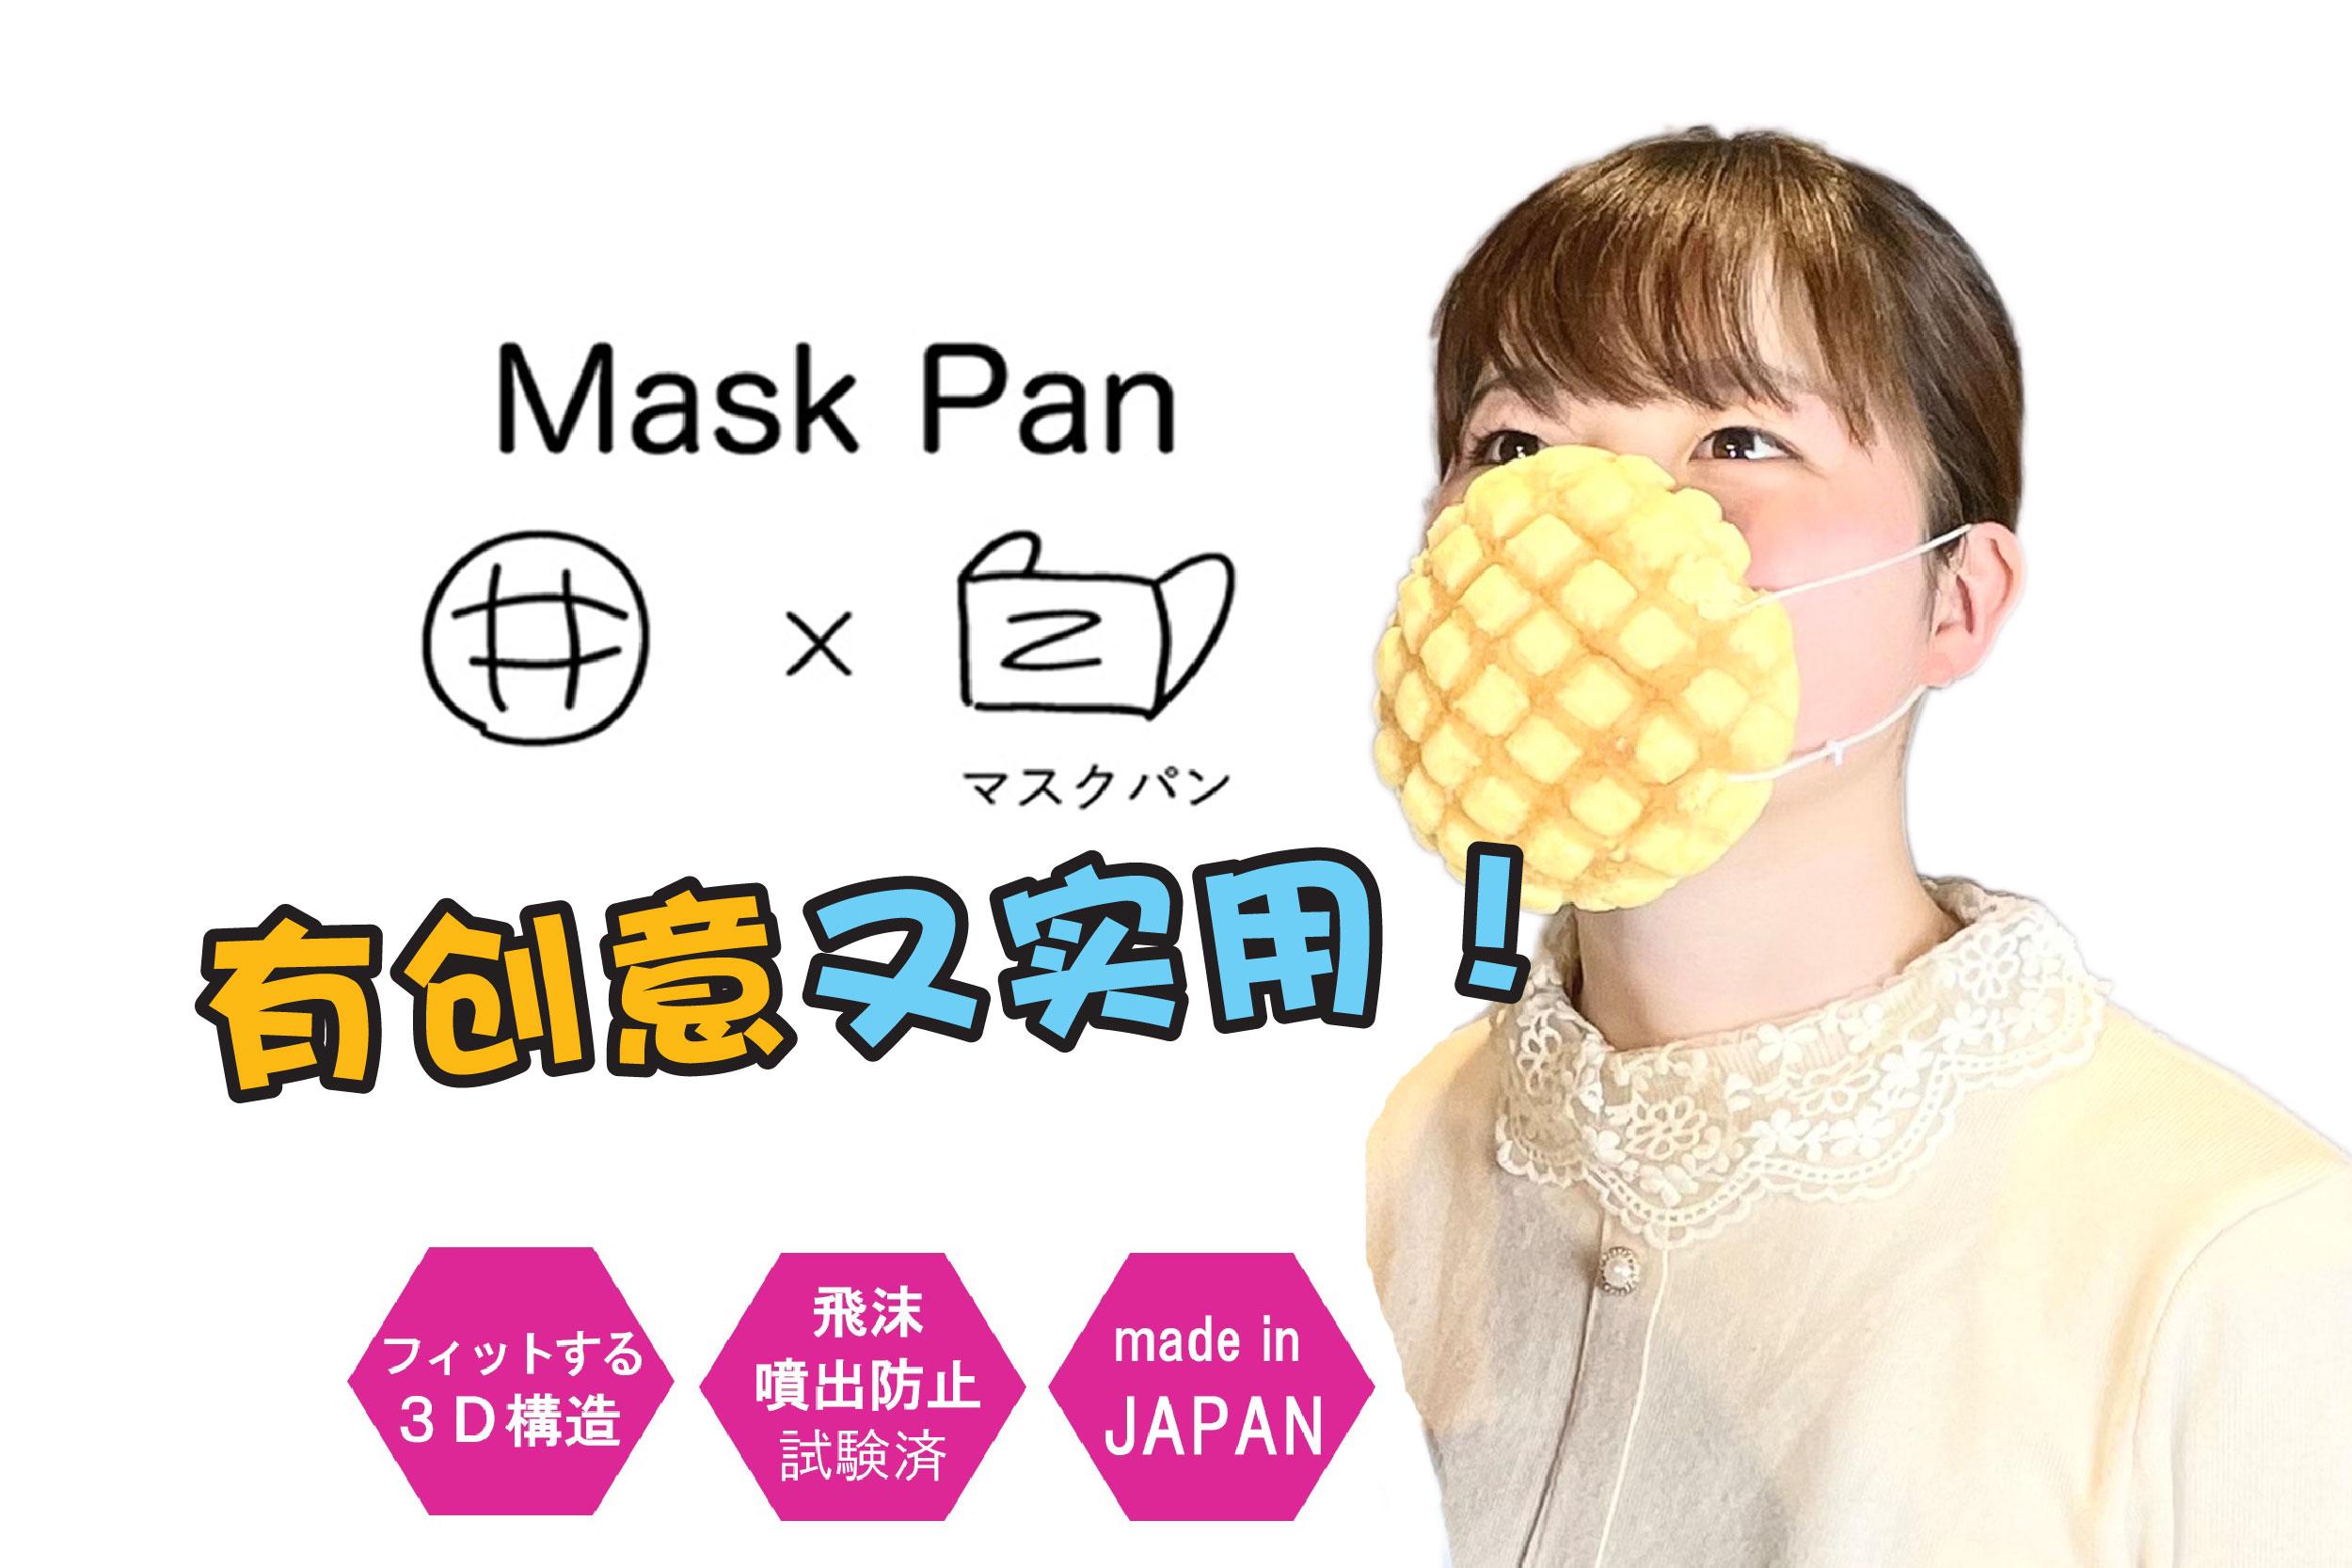 """最近,日本推出一款颇具创意的口罩——""""菠萝包口罩""""(Mask Pan),不仅能食用,甚至还能有效防止飞沫喷溅。-图取自THE LABO官网/精彩大马制图-"""